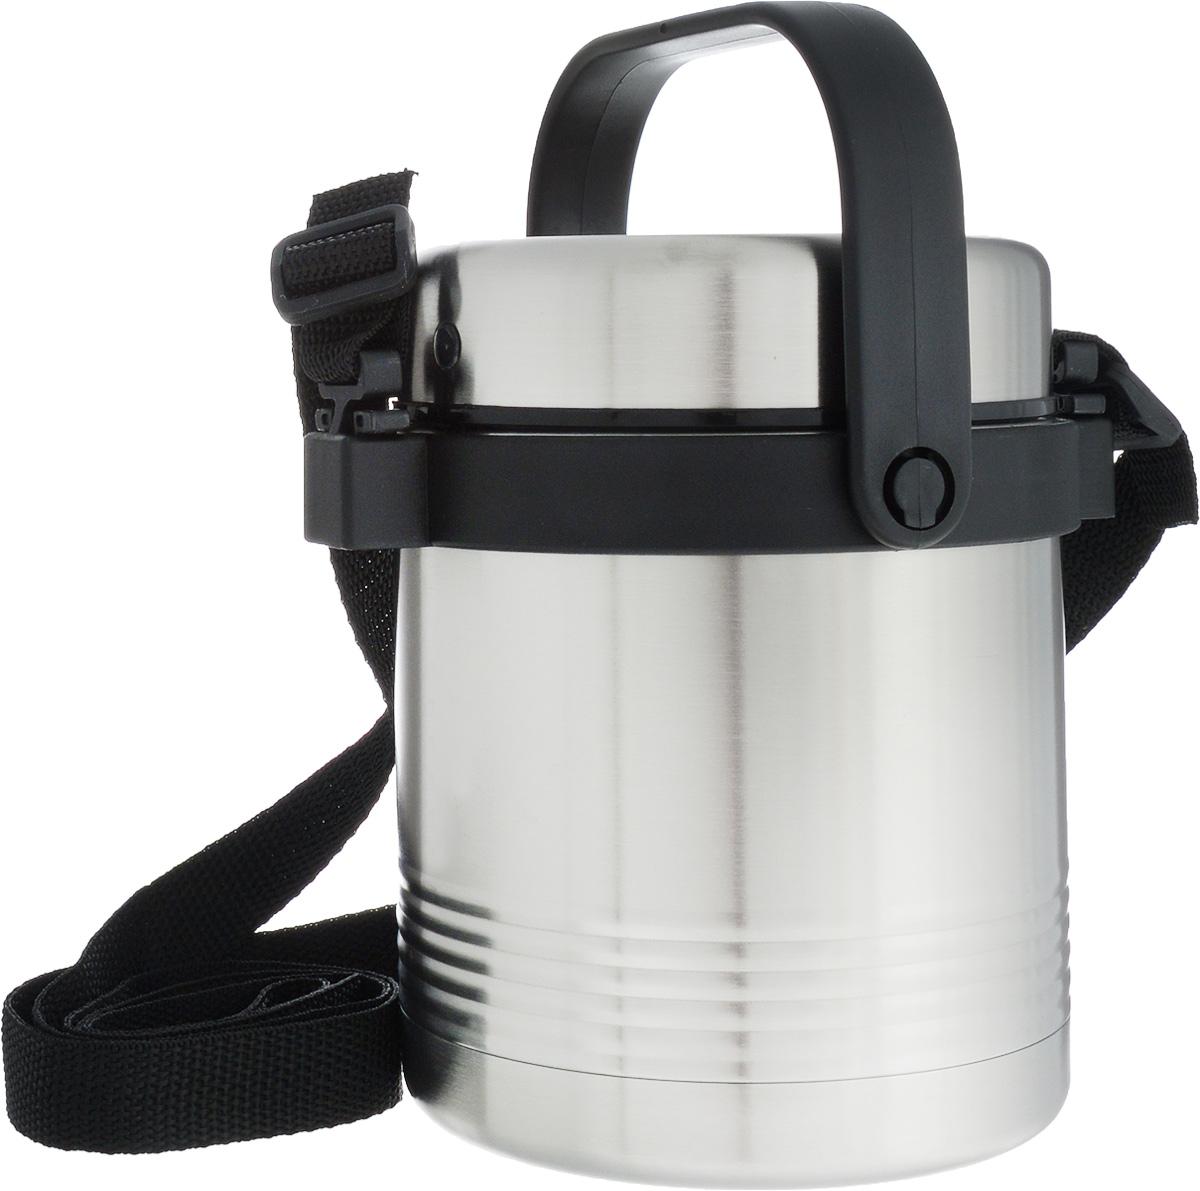 Термос для еды Emsa Senator, с контейнером, 1 л10-02286-003Термос Emsa Senator изготовлен из высококачественной нержавеющей стали. Термос предназначен для горячих и холодных продуктов. Термос оснащен глухой крышкой, которая предотвращает проливание. Также он имеет удобную ручку и съемный ремень.Внутри термоса есть дополнительный пластиковый контейнер, который герметично закрывается крышкой.Стильный металлический термос понравится абсолютно всем и впишется в любой интерьер кухни.Можно мыть в посудомоечной машине.Диаметр горлышка термоса: 11 см.Диаметр основания термоса: 11 см.Высота термоса (с учетом крышки): 16 см. Диаметр контейнера: 10 см. Высота контейнера (с учетом крышки): 12 см.Сохранение холода: 12 ч.Сохранение тепла: 6 ч.